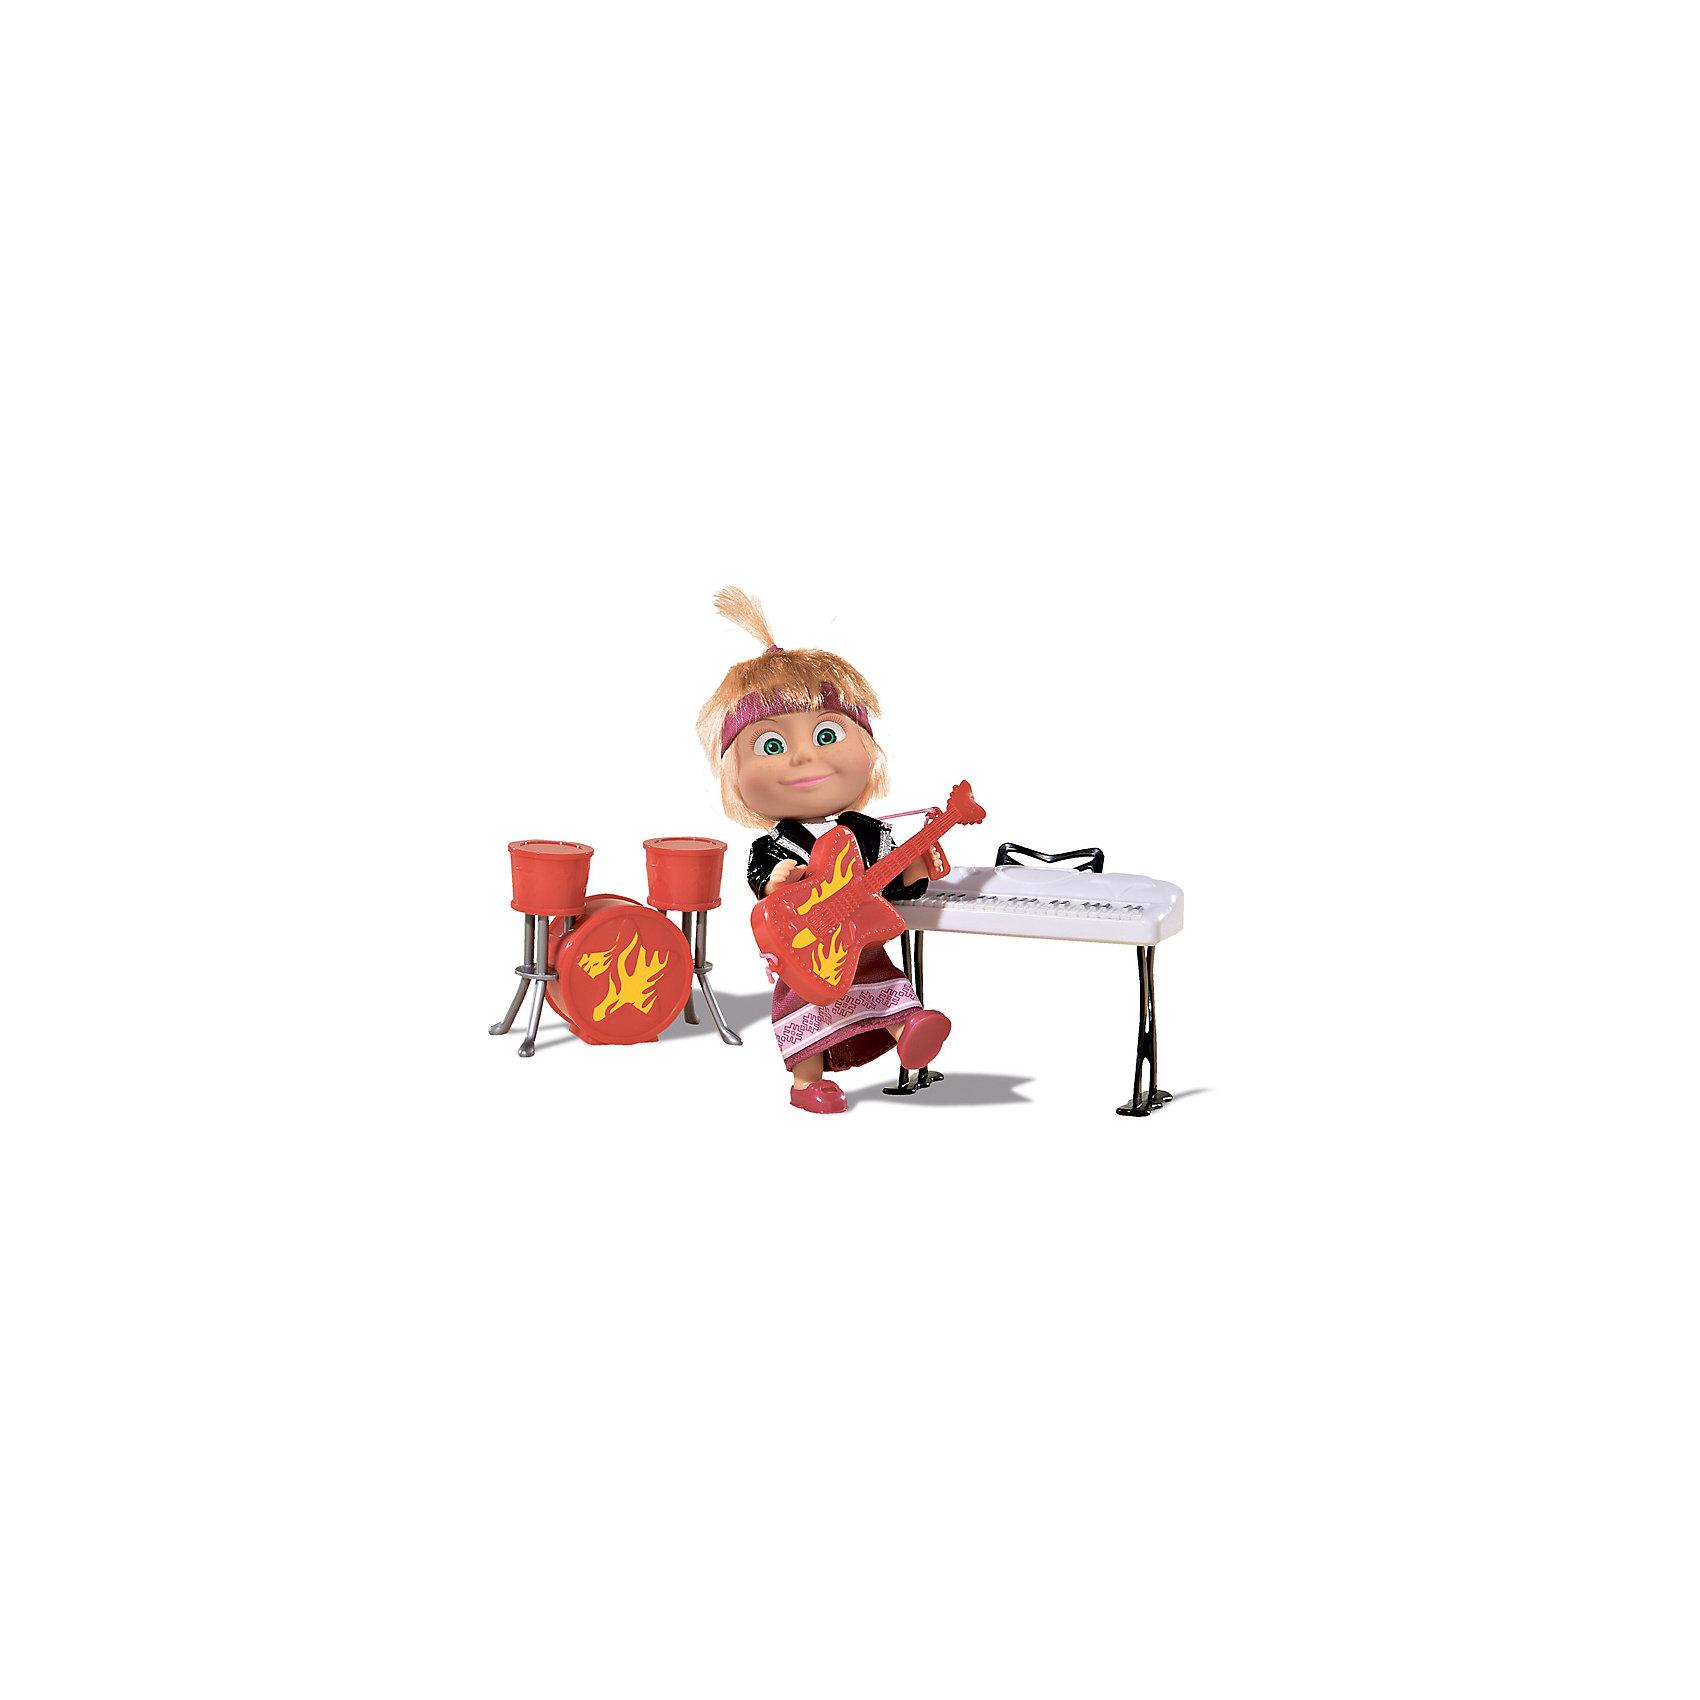 Кукла Маша в рок-наряде, Маша и Медведь, SimbaМаша и Медведь<br>Кукла Маша в рок-наряде, Маша и Медведь, Simba (Симба) – эта кукла позволит «воссоздать» мега-концерт из мультфильма Маша и Медведь.<br>Кукла Маша в рок-наряде Simba (Симба) - это очень точная копия главной героини мультфильма Маша и Медведь. В таком необычном образе она предстает перед поклонниками ее талантов в мультике Хит сезона (Серия 29). Кукла выполнена из высококачественной резины и пластика, а ее шелковистые светлые волосики надежно прошиты, что позволит девочкам причесывать свою любимицу и придумывать ей забавные озорные прически. Фьюжн-наряд маленькой рокерши состоит из любимого Машиного сарафана лилового цвета и небрежно накинутой кожаной косухи, а на голове красуется текстильная полоска в тон платья. Наша звезда эстрады еще и мульти-артист, ведь она играет сразу на трех инструментах. В арсенале Маши есть красная барабанная установка из трех барабанов, белоснежный синтезатор на стойке, а также электрогитара, увитая языками пламени, которую Маша может держать в руках. Колоритный набор поможет ребенку воссоздать сценку из любимого мультика или придумать совершенно новый и неожиданный сюжет. Если девочкам захочется сменить амплуа куколки, одежду можно легко снять и заменить на другую, которую они без труда могут смастерить самостоятельно.<br><br>Дополнительная информация:<br><br>- В наборе: кукла, гитара, барабанная установка, синтезатор<br>- Высота куклы: 12 см.<br>- Материал: пластик, резина, винил, нейлон, текстиль<br>- Размер упаковки: 24 х 6,7 х 16 см.<br>- Вес: 200 гр.<br><br>Куклу Машу в рок-наряде, Маша и Медведь, Simba (Симба) можно купить в нашем интернет-магазине.<br><br>Ширина мм: 240<br>Глубина мм: 67<br>Высота мм: 160<br>Вес г: 200<br>Возраст от месяцев: 36<br>Возраст до месяцев: 120<br>Пол: Женский<br>Возраст: Детский<br>SKU: 4315160